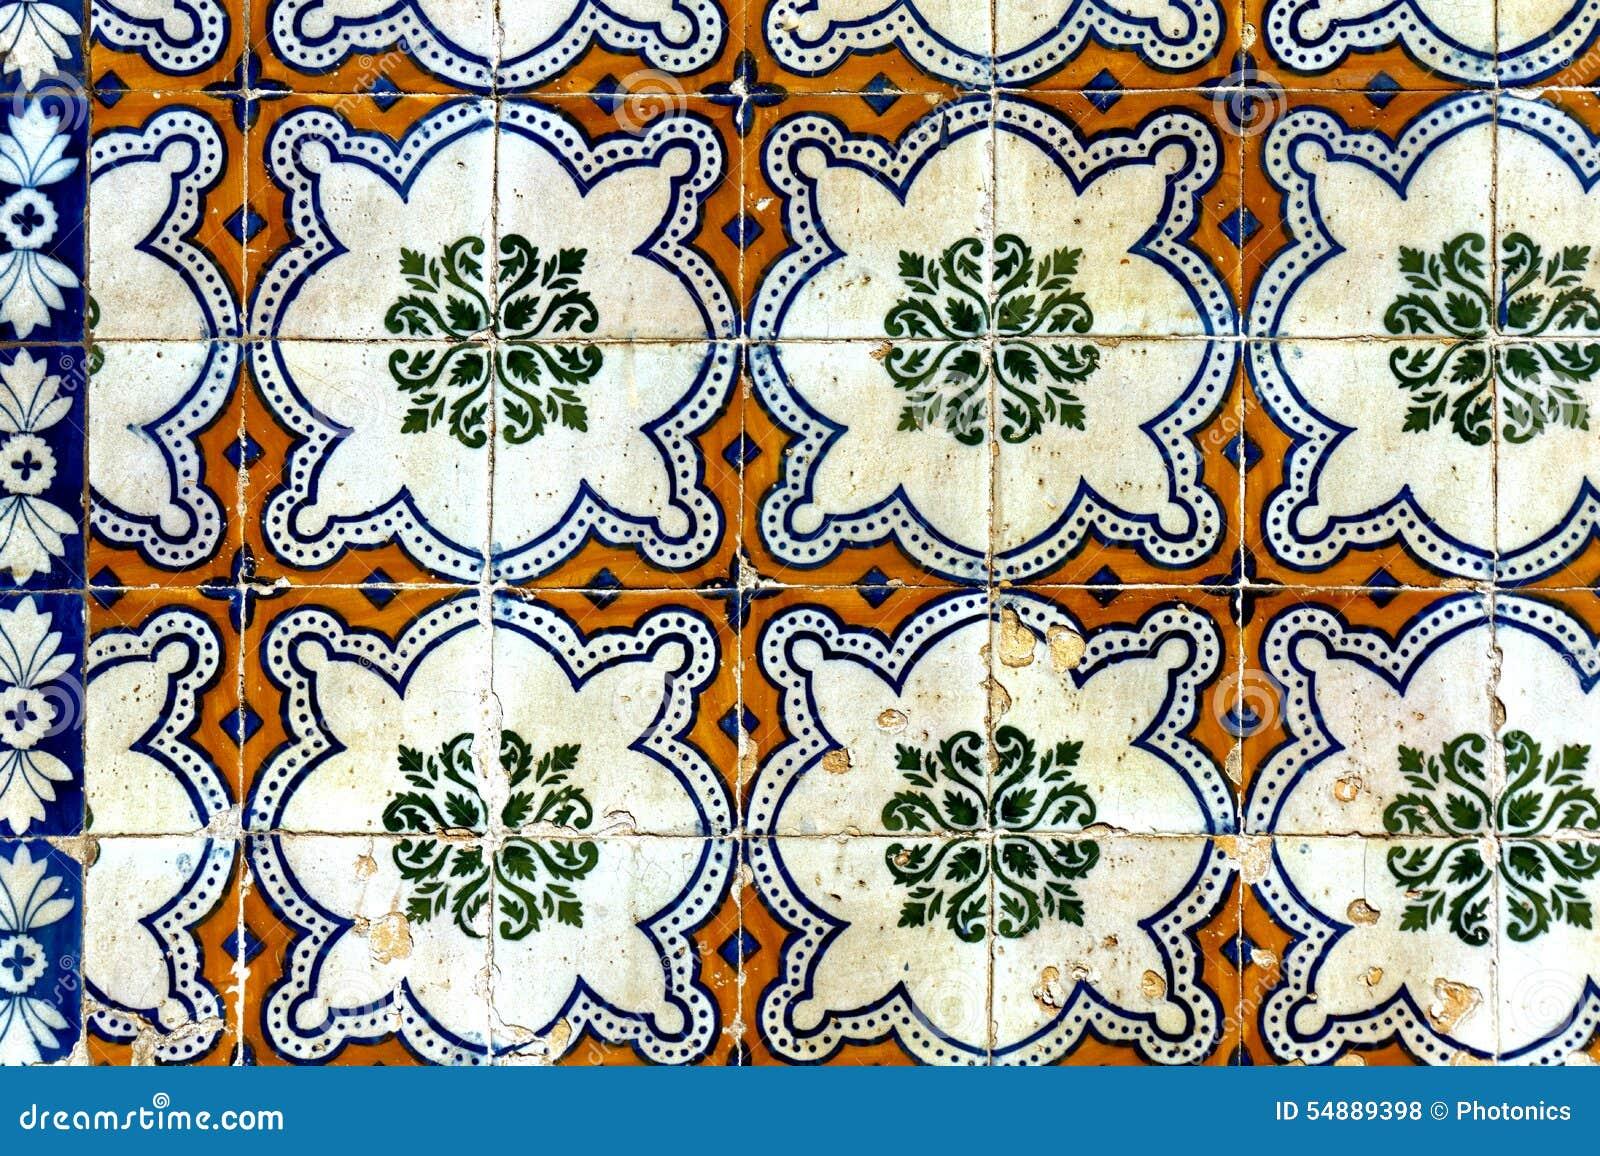 Klassisches mosaik muster auf wand fliesen stockfoto bild von bedeckung floral 54889398 - Fliesen auf fliesen wand ...